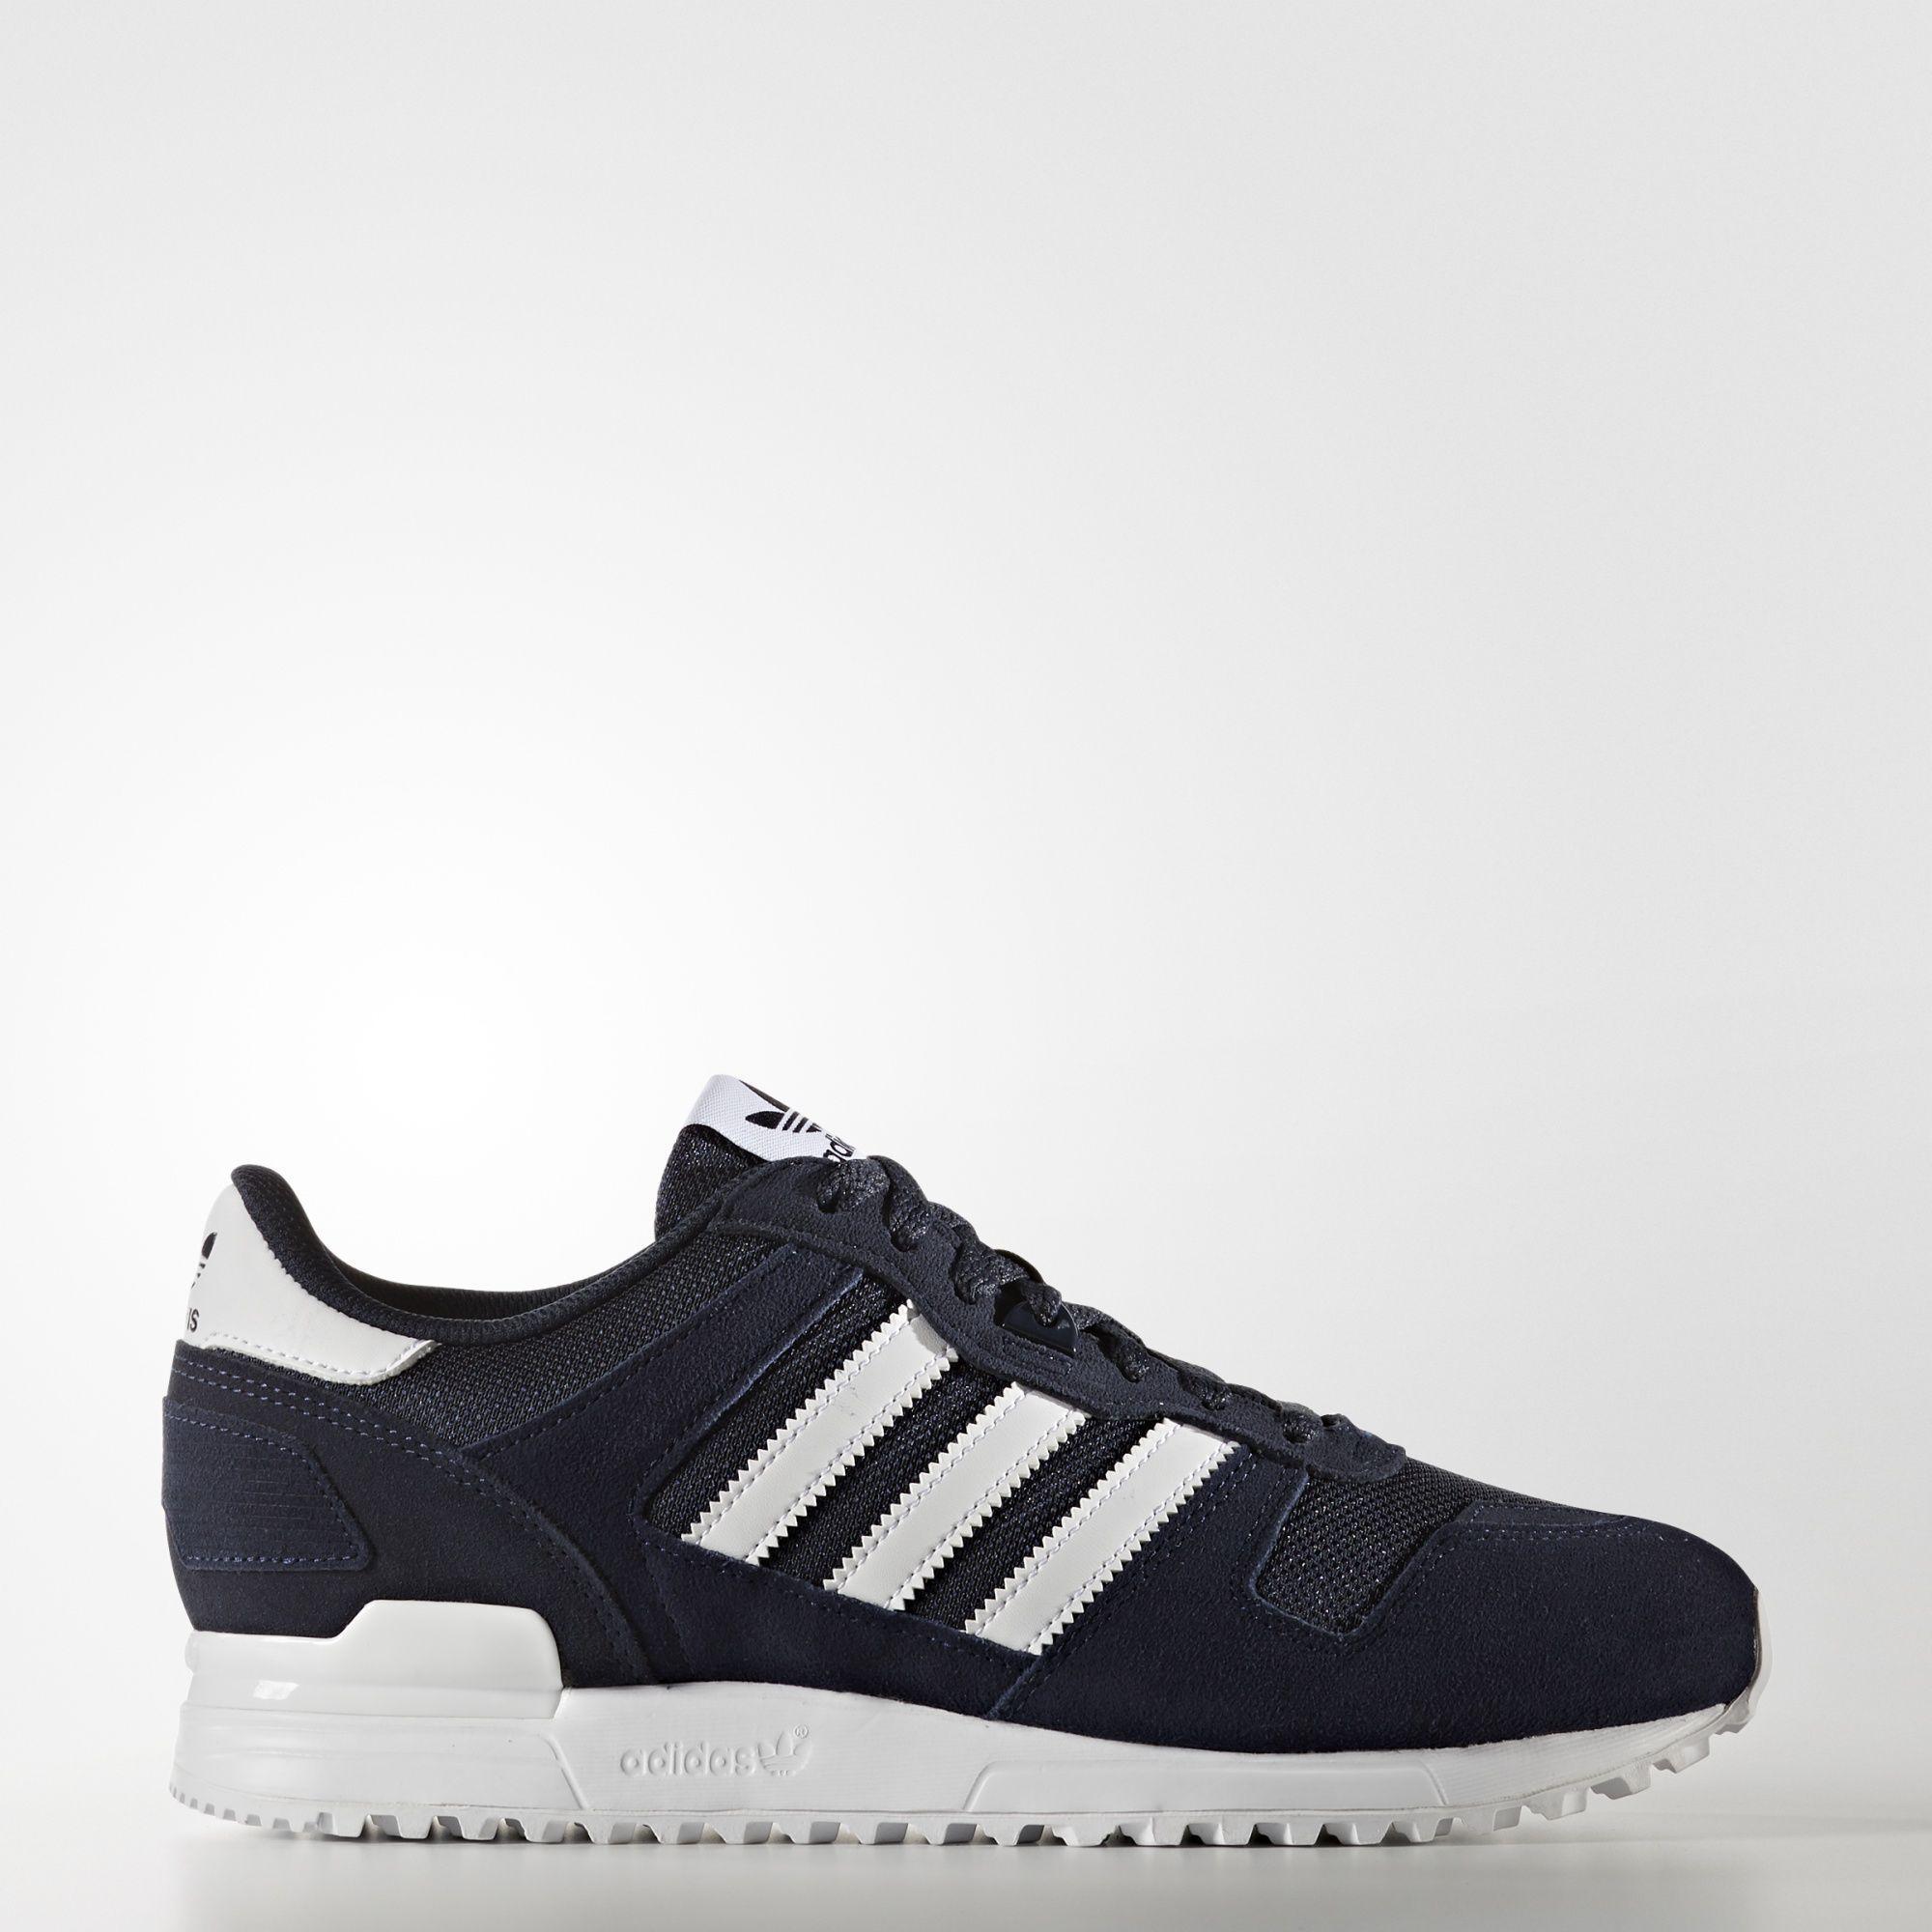 adidas zx 700 schoenen zwart